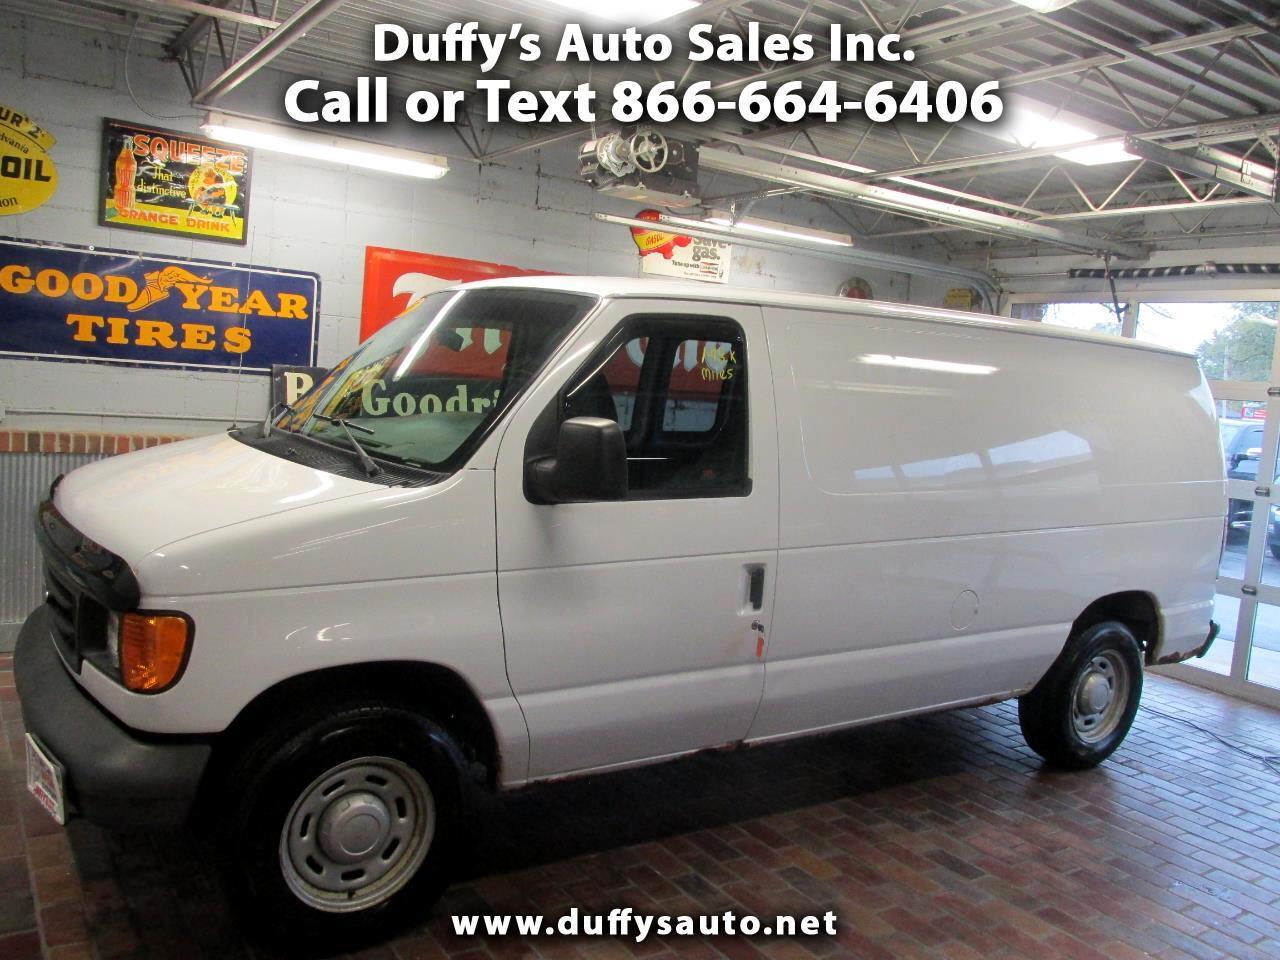 2005 Ford Econoline Cargo Van E-150